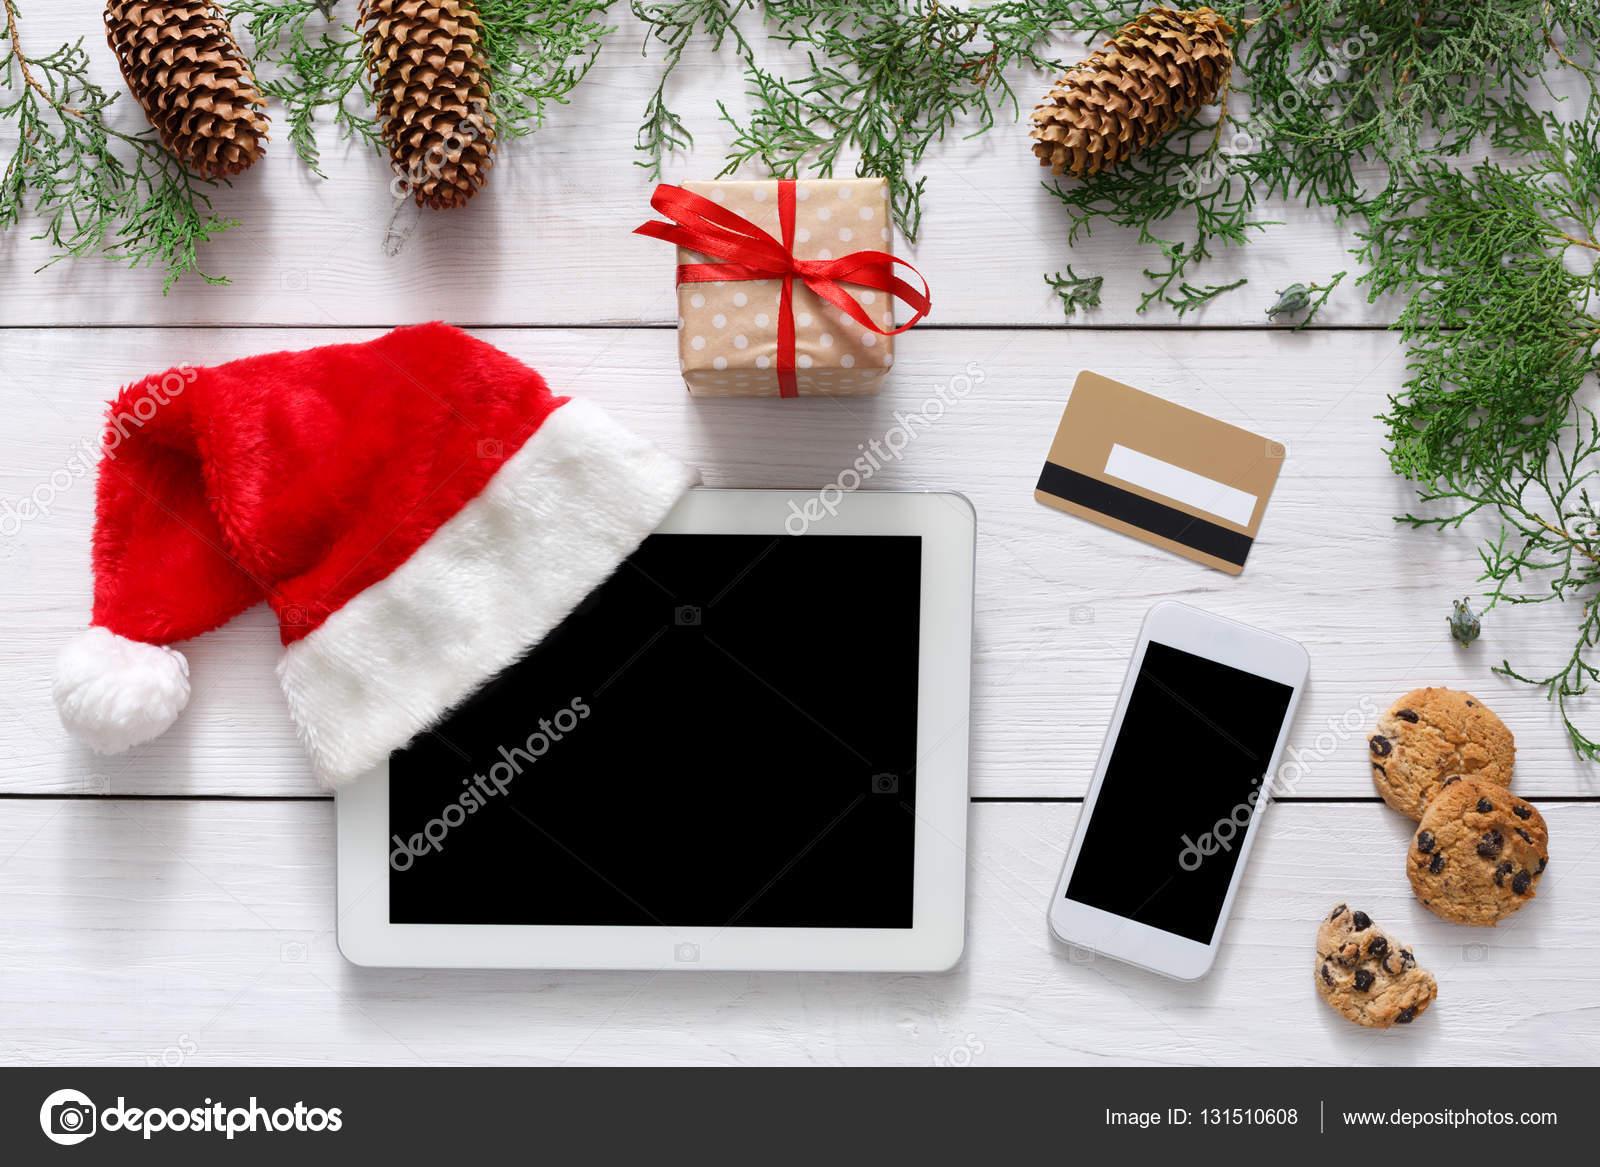 Weihnachten Online-shopping-Hintergrund — Stockfoto © Milkos #131510608